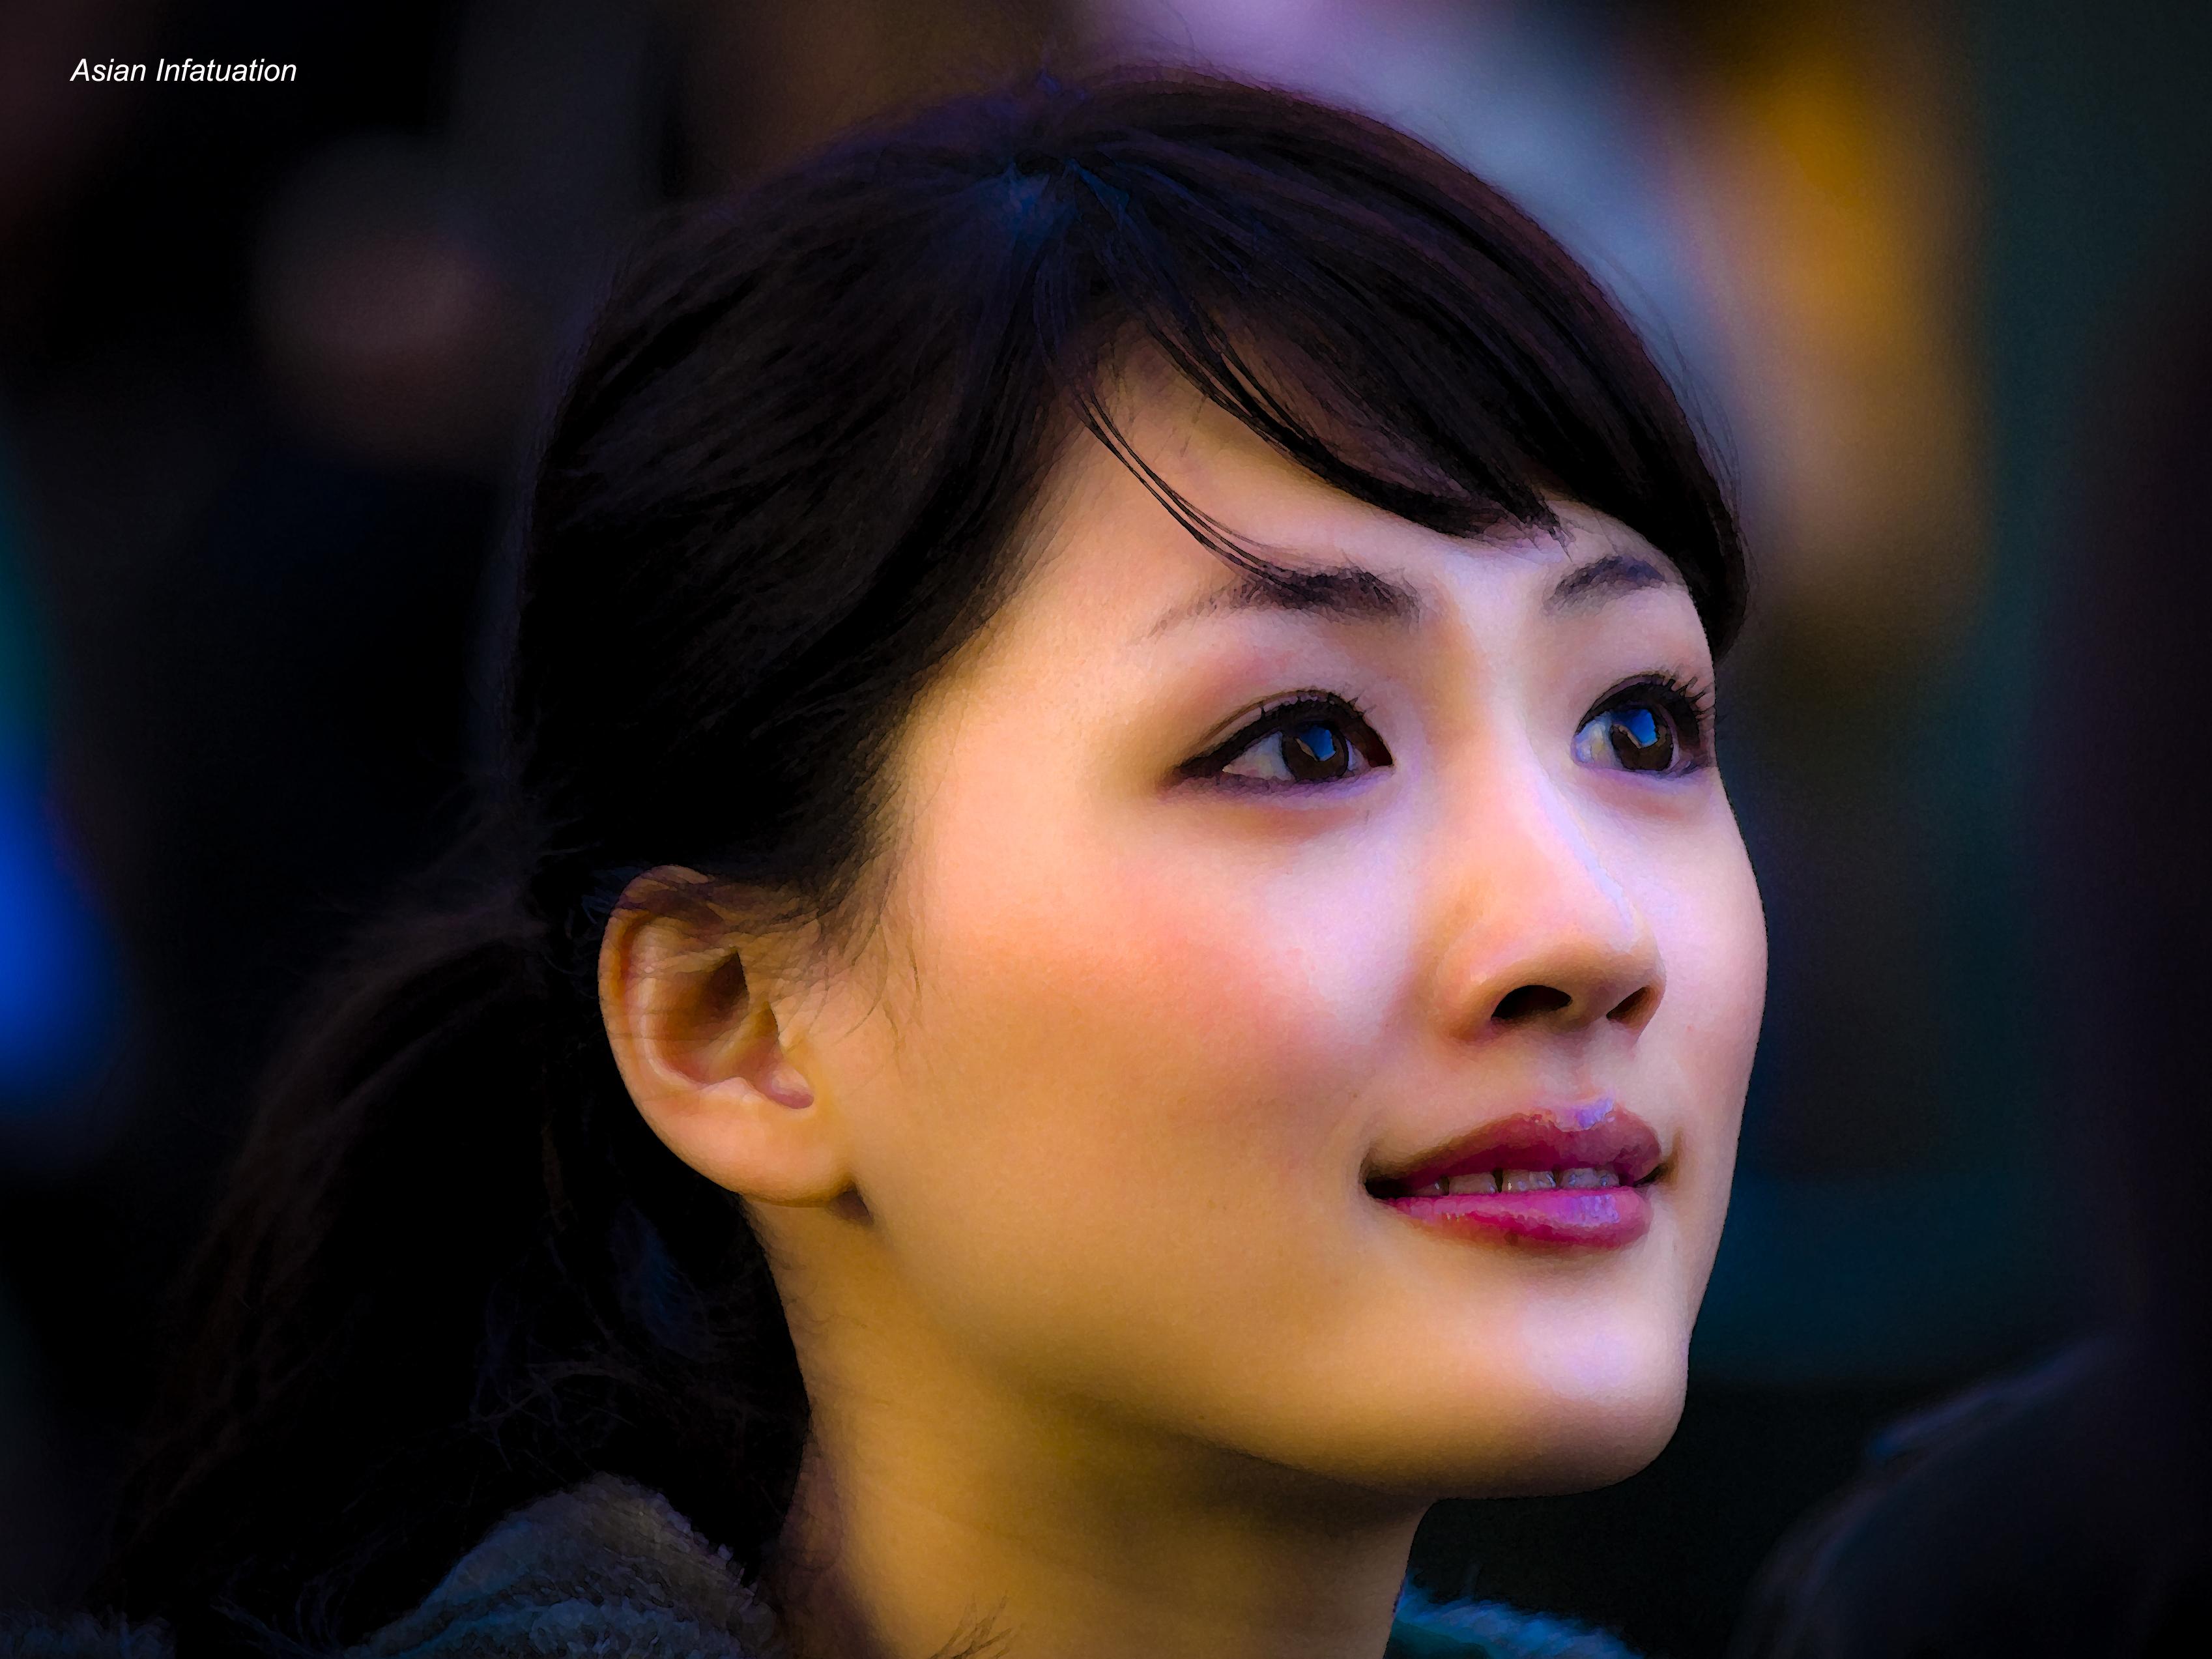 Masaüstü Yüz Portre Gözler Sokak Asya Profil Siyah Saç At